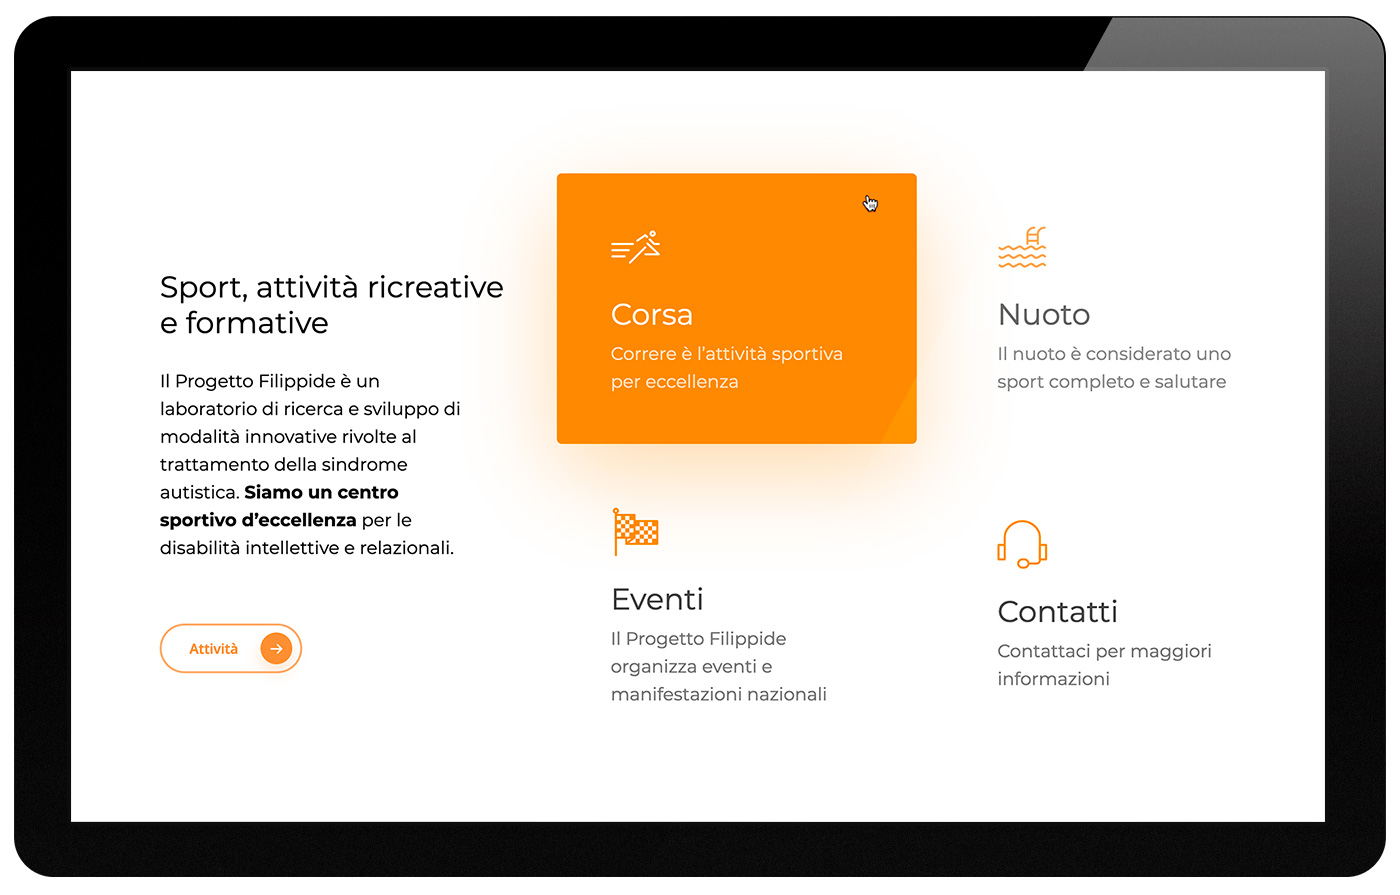 Progetto Filippide website Luigi De Santis